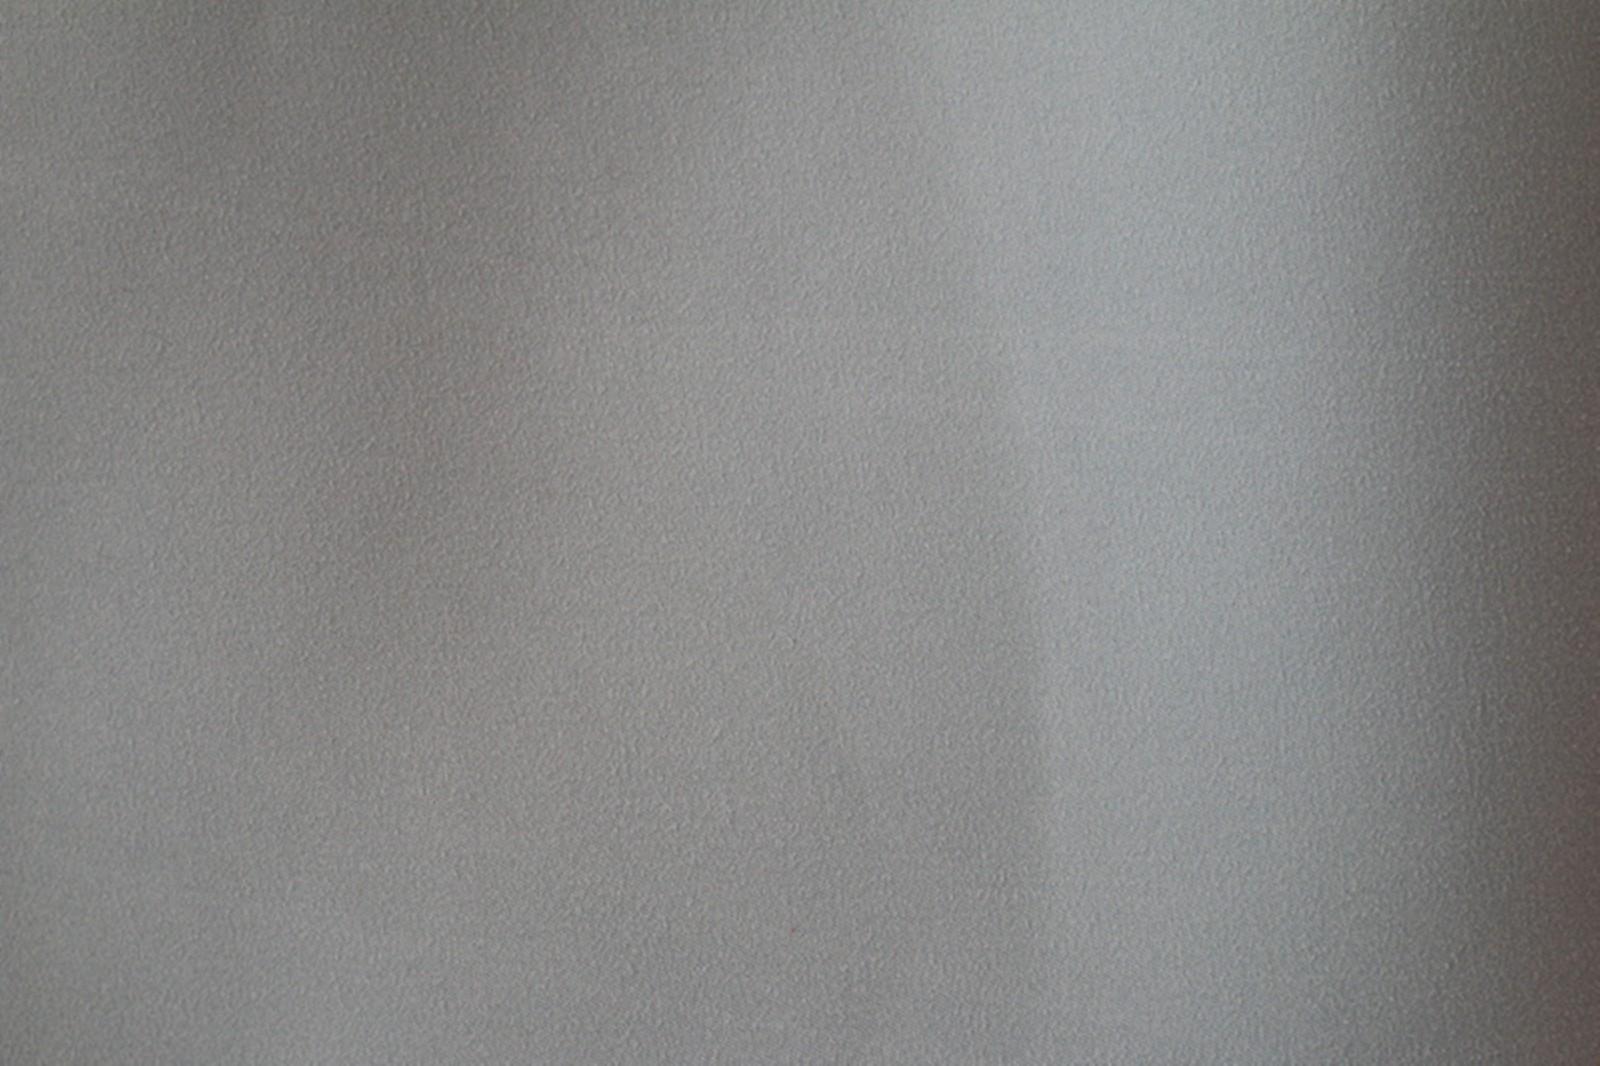 新款涤纶斜纹桃皮绒 儿童抱枕口袋面料 环保染色图片四